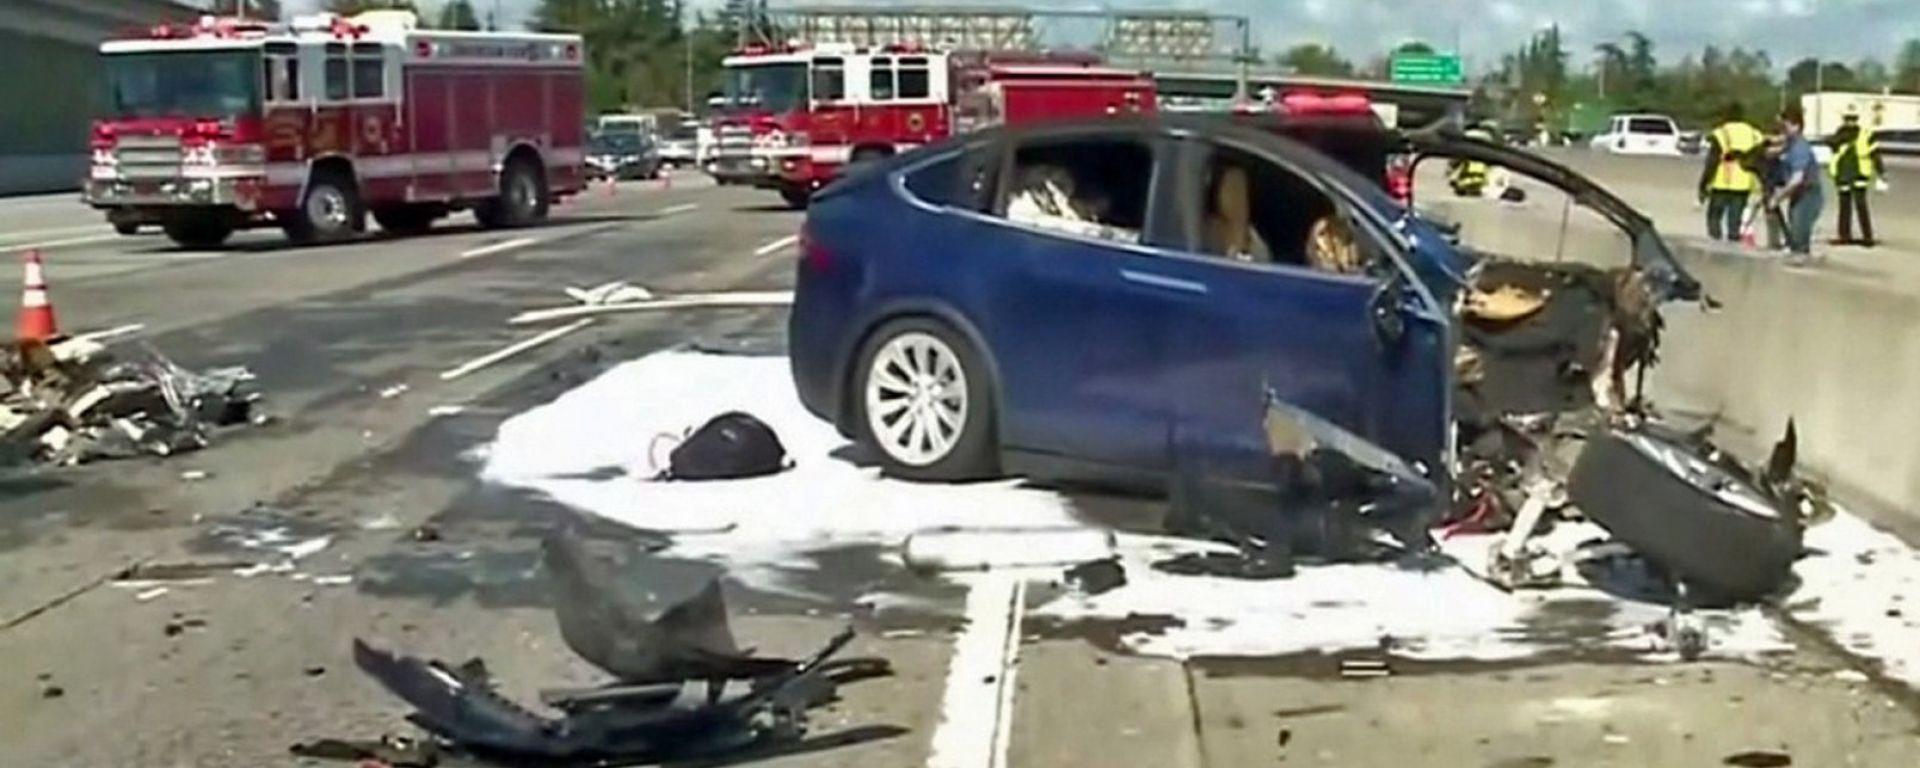 Incidenti Tesla, risalire alle cause è un rebus